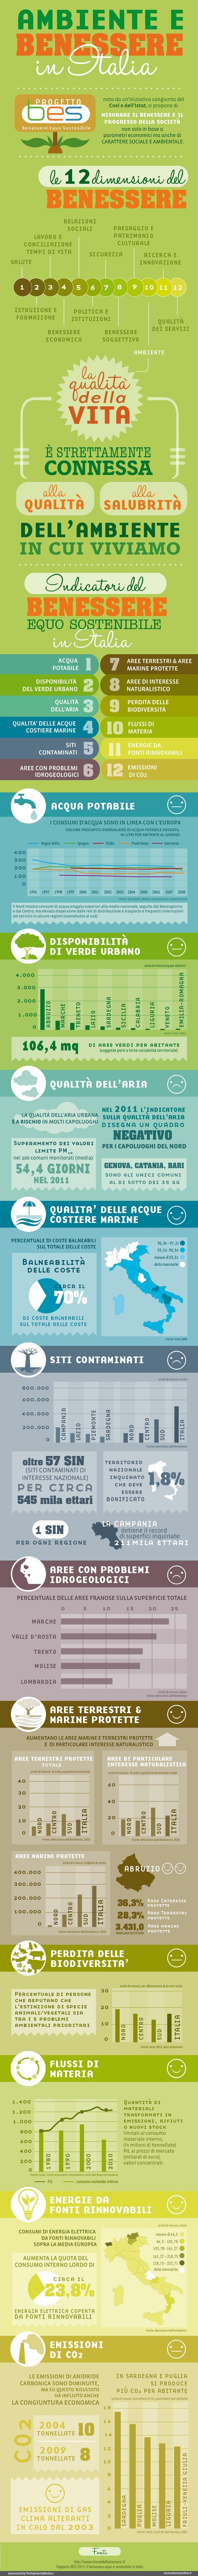 Ambiente E Benessere In Italia Esseredonnaonline Info Grafiche Benessere Salute E Benessere